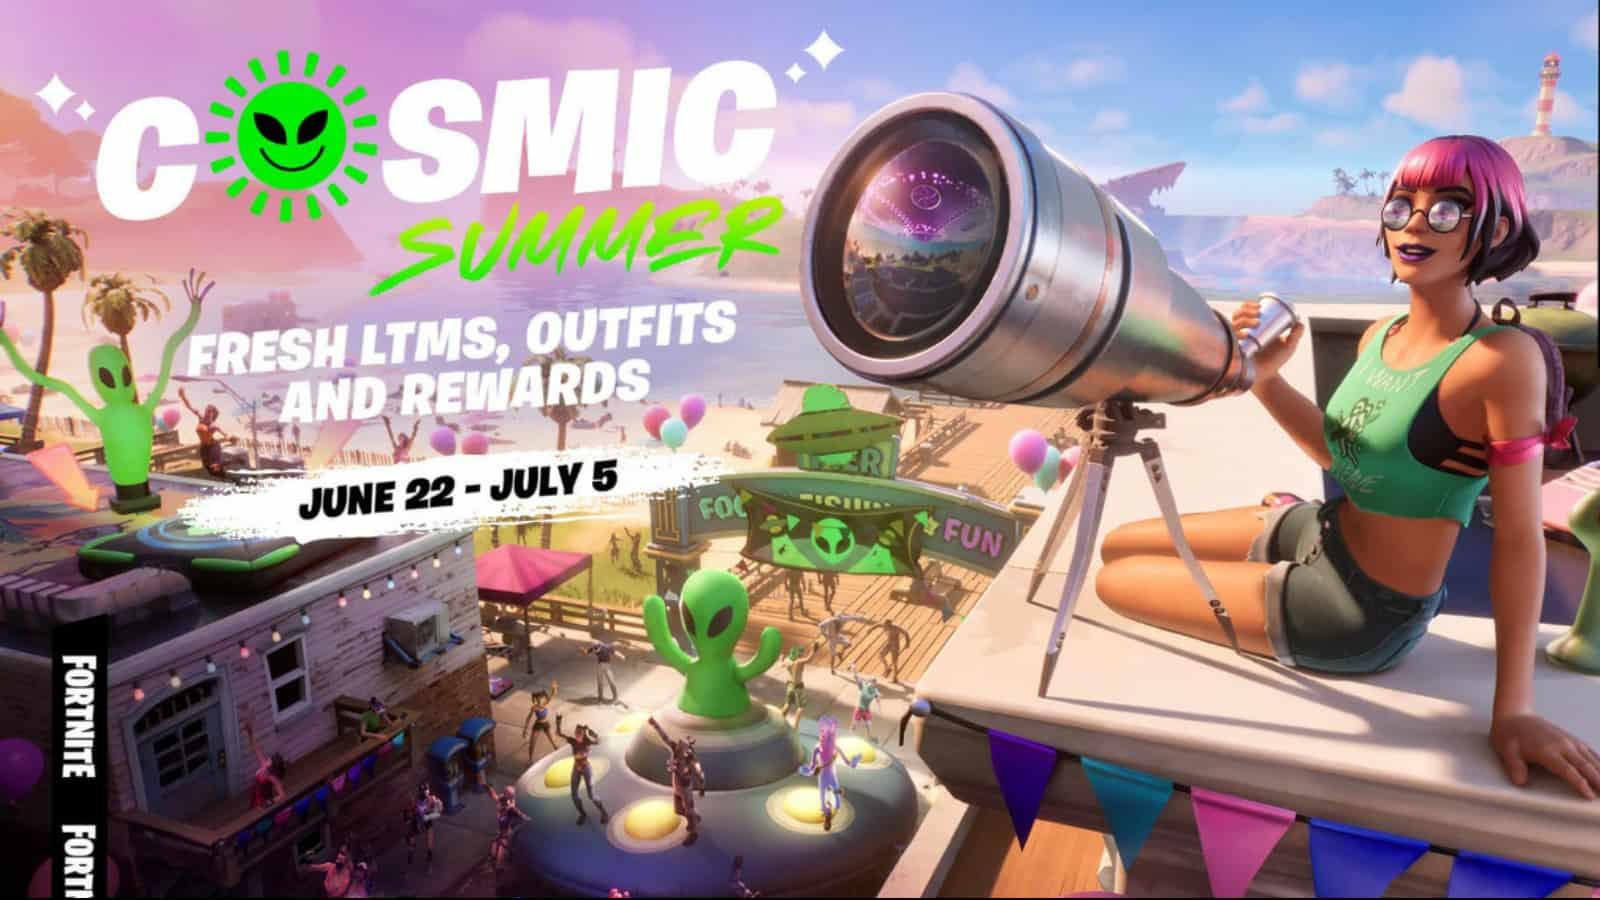 Fortnite Cosmic Summer: Rewards and Details